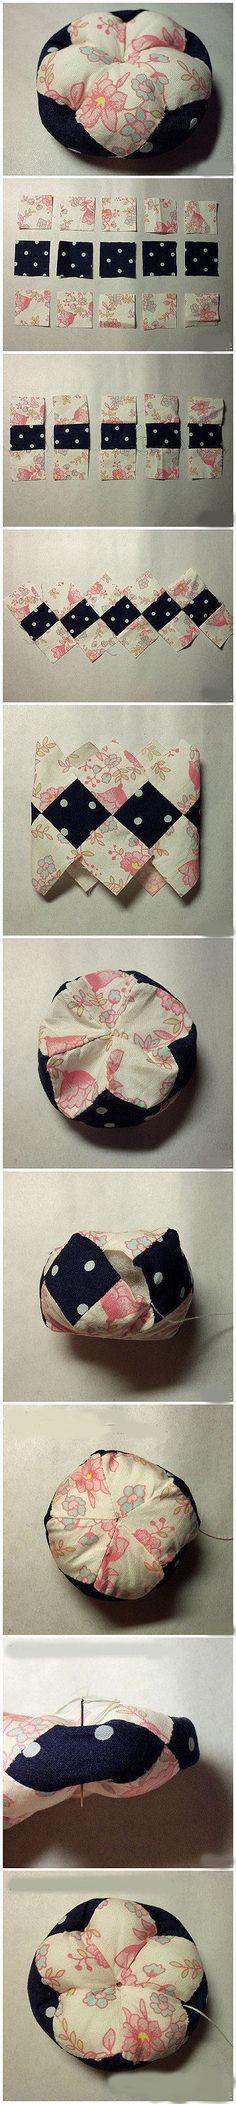 DIY Pillow diy sew craft crafts craft ideas diy ideas diy crafts sewing home crafts diy decorations craft decor craft pillows